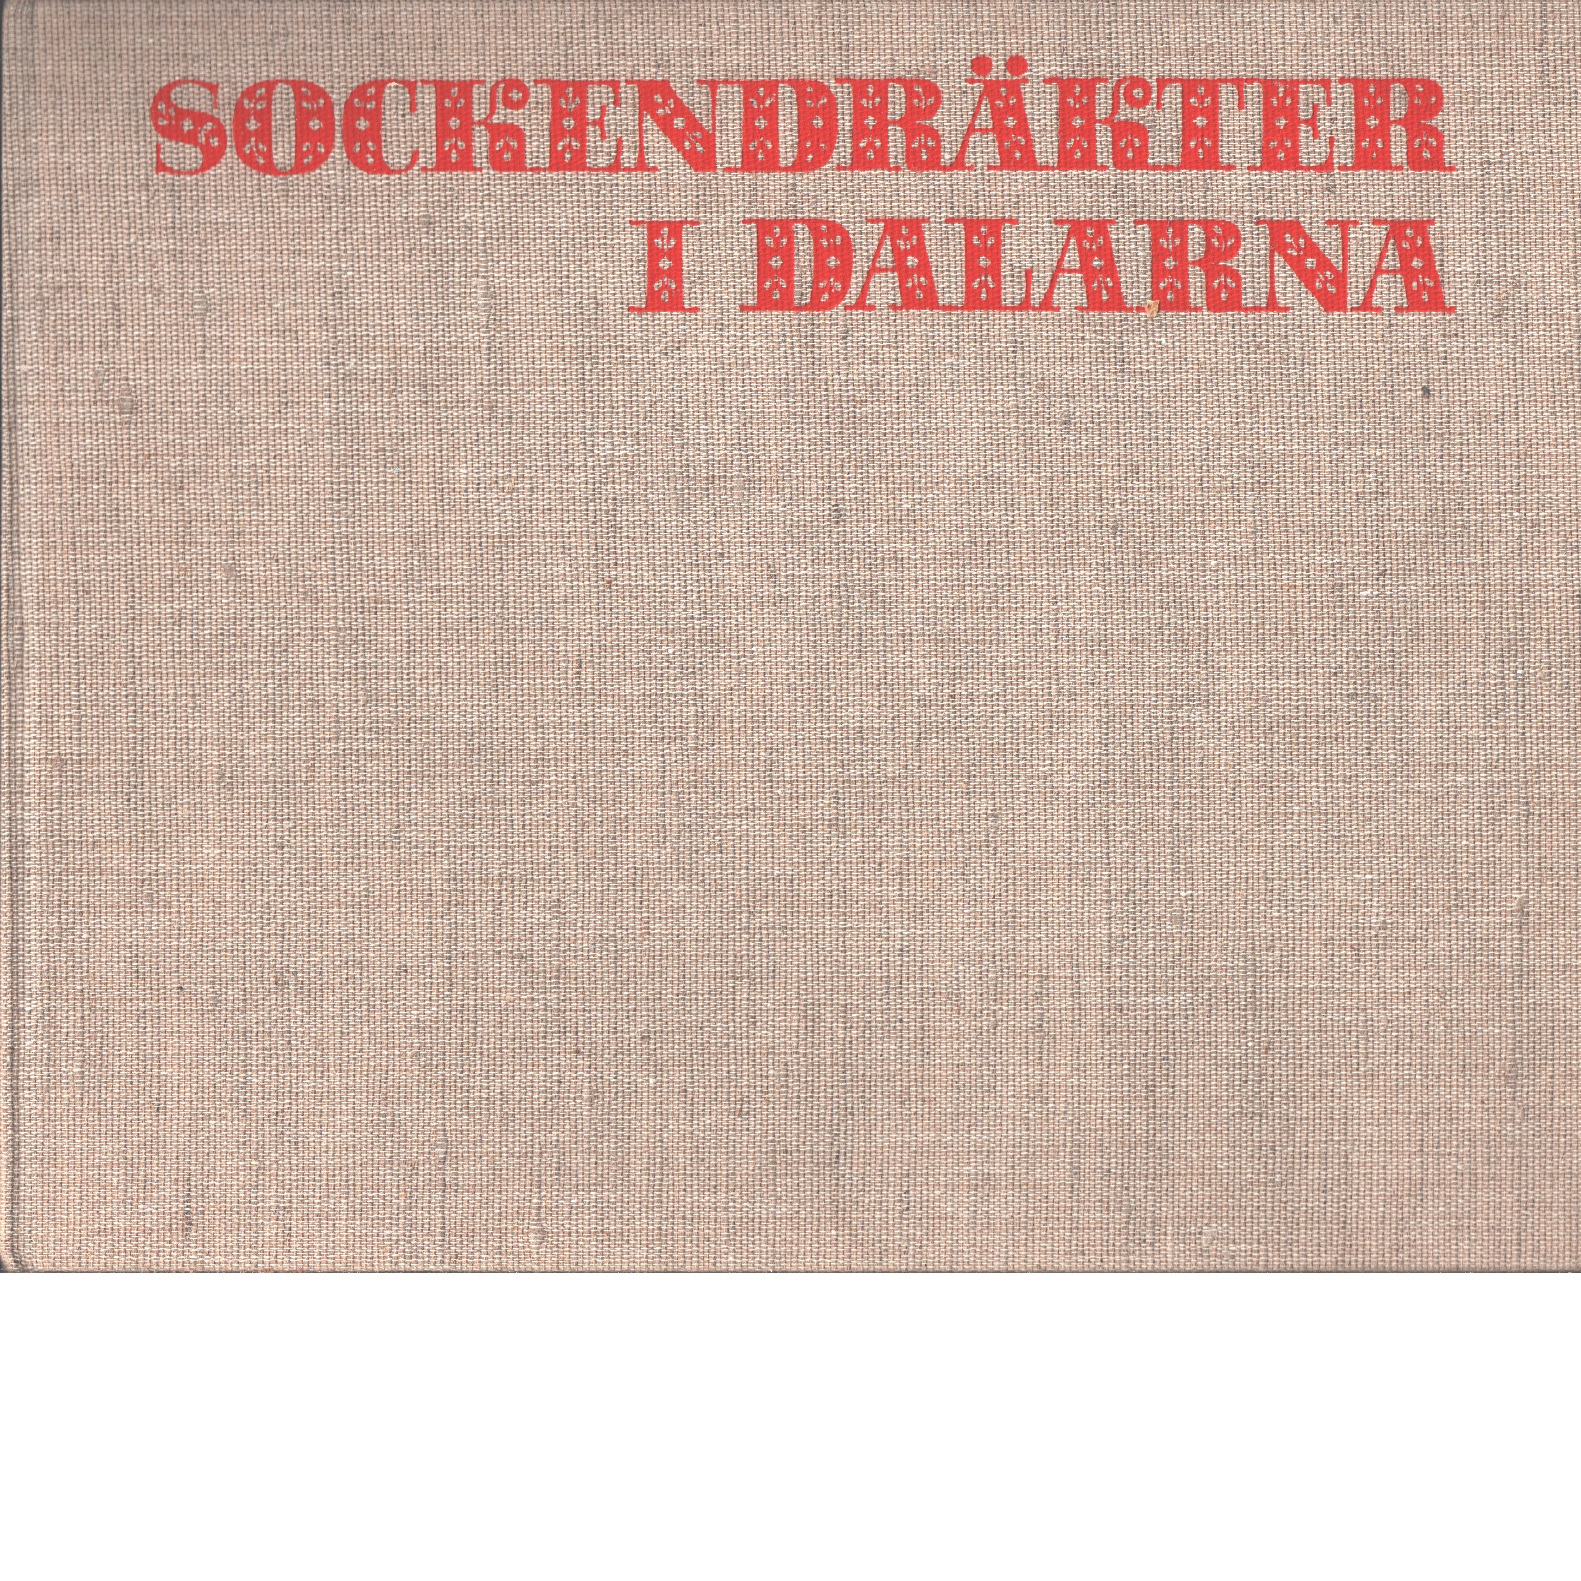 Sockendräkter i Dalarna - Red.